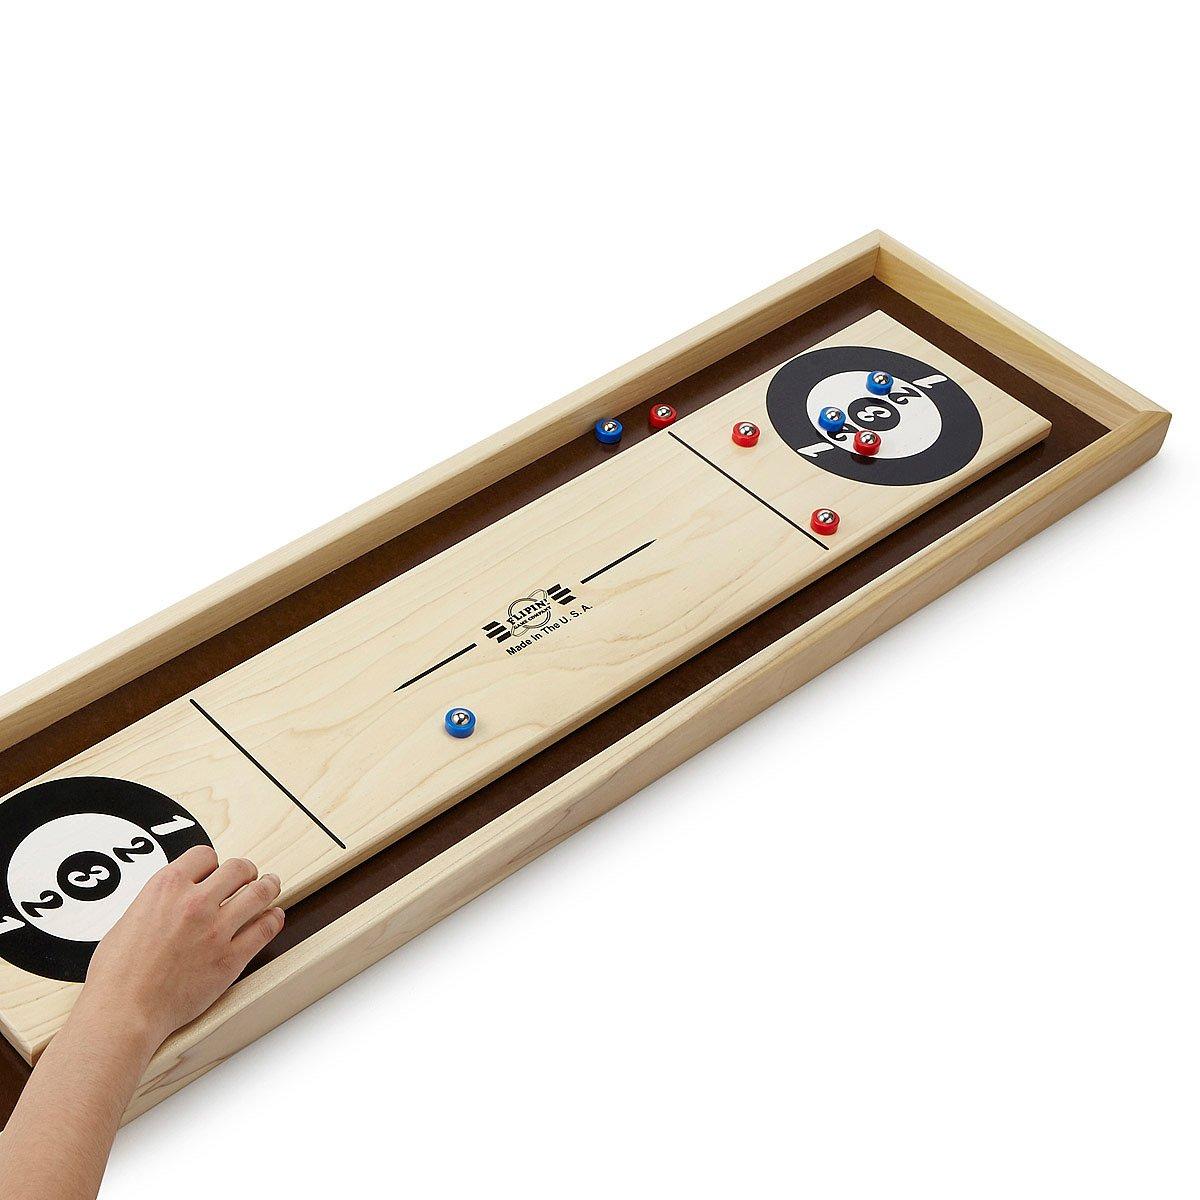 Tabletop Shuffle Board